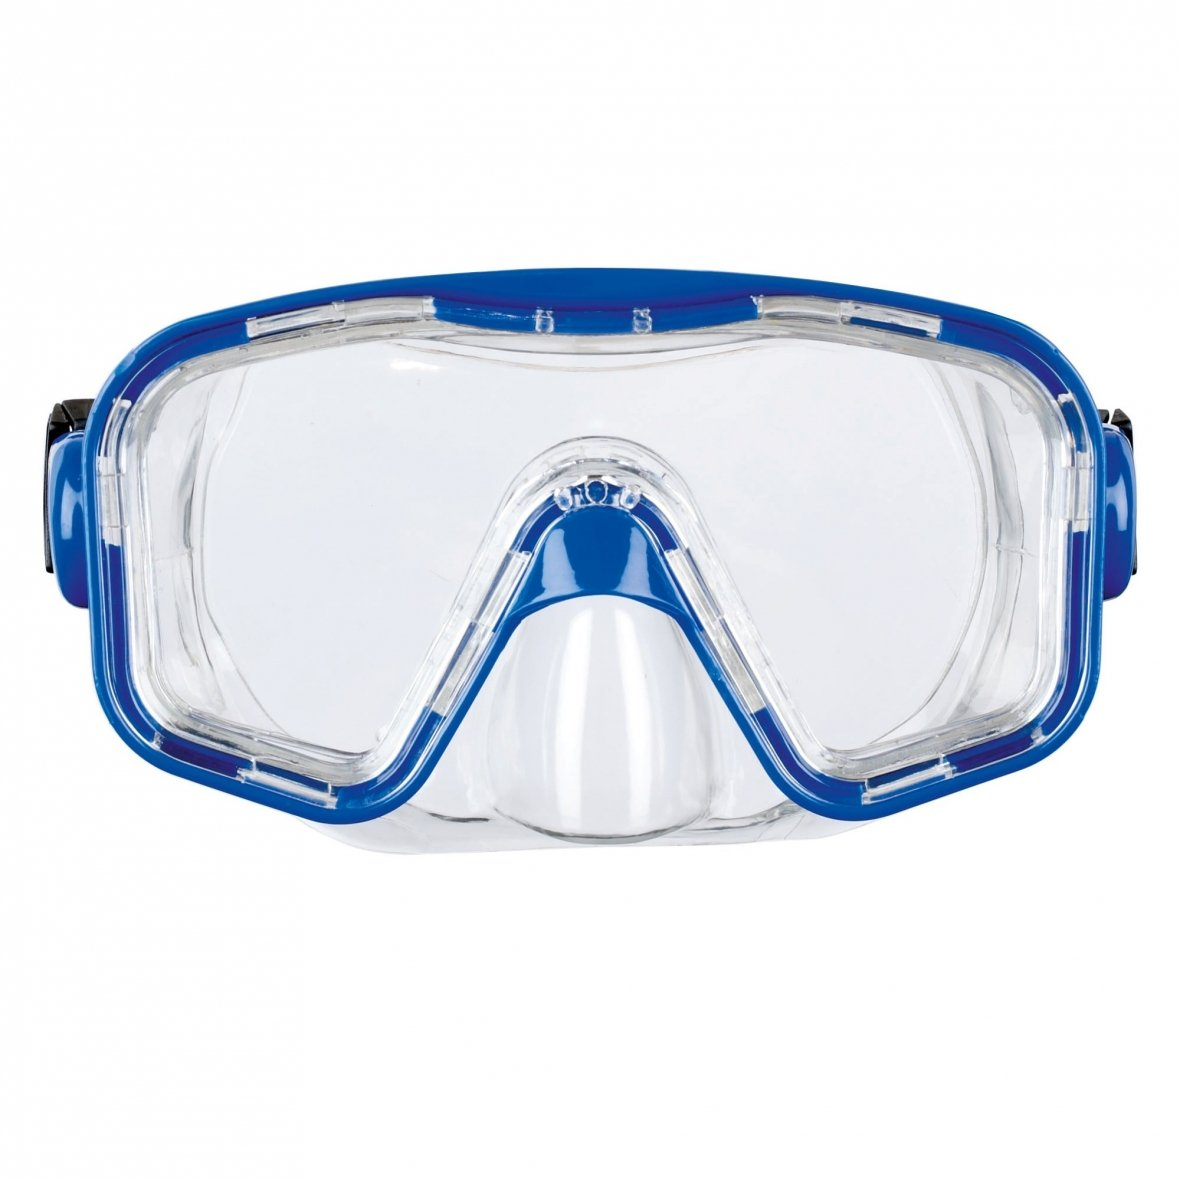 Masque de plongée 12 ans